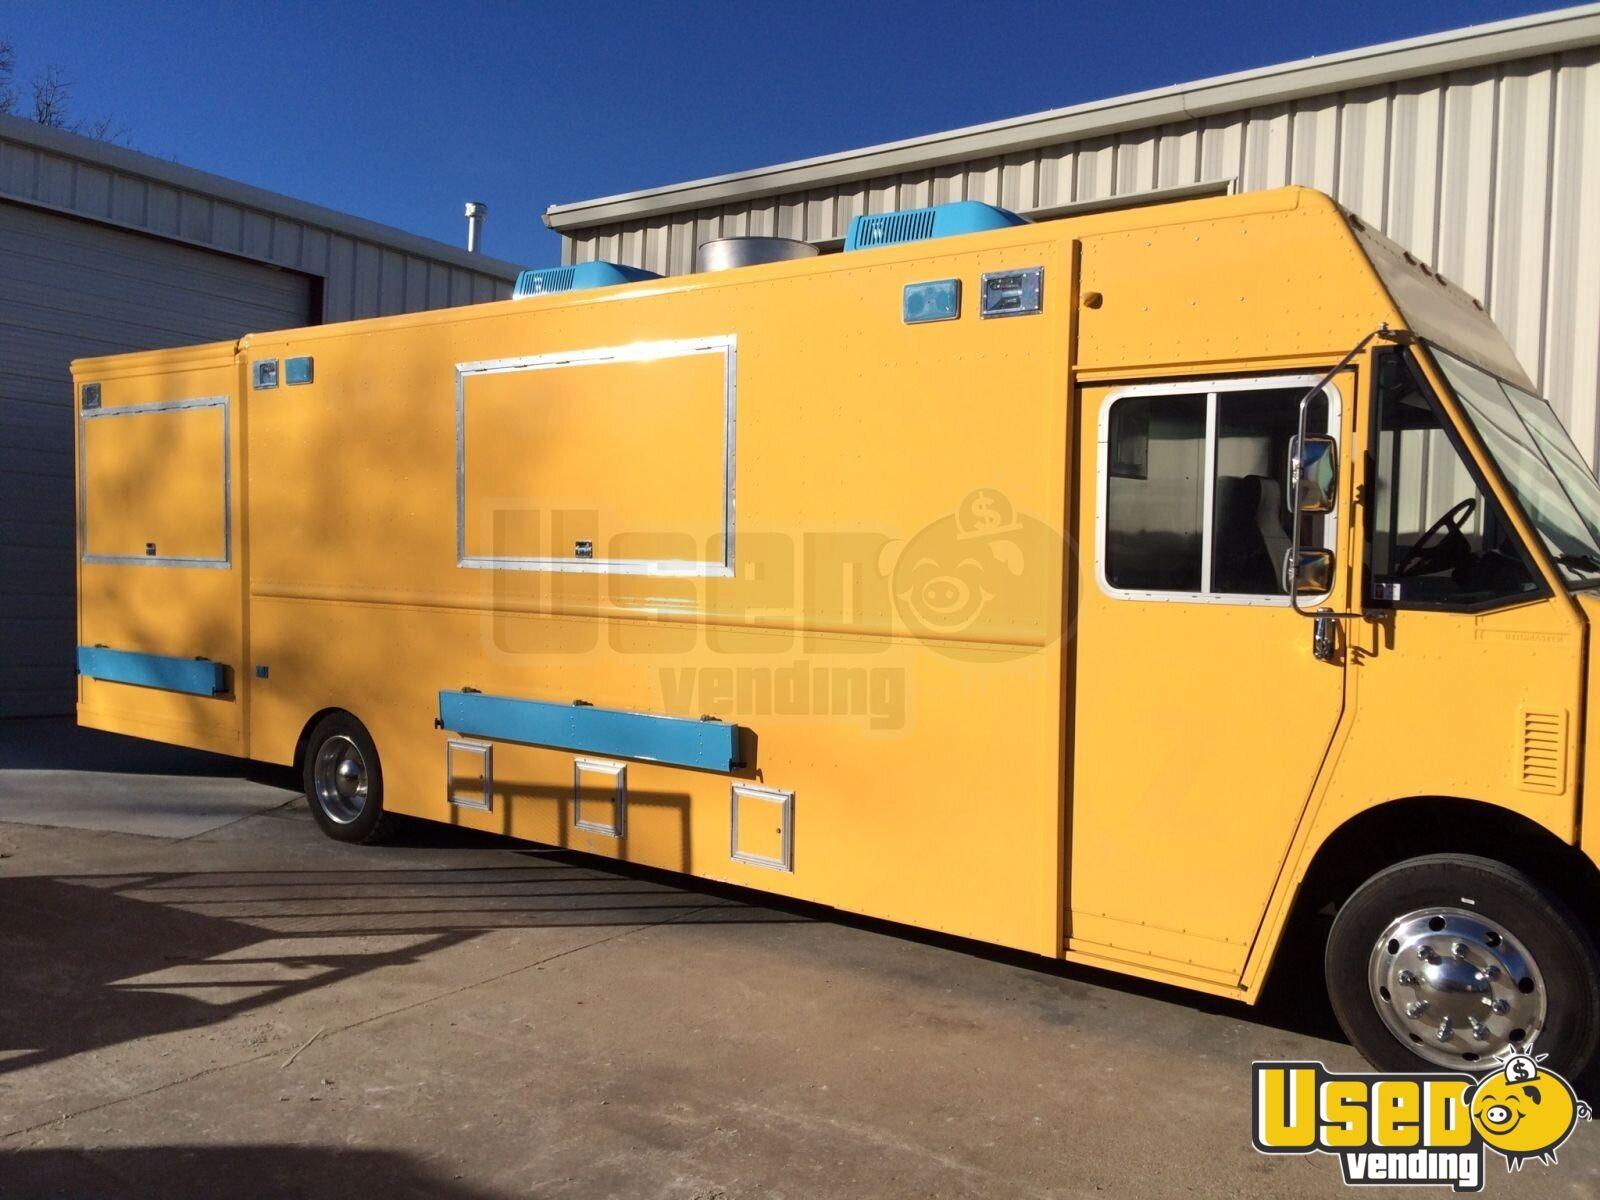 used 2014 freightliner food truck in kansas for sale mobile kitchen. Black Bedroom Furniture Sets. Home Design Ideas